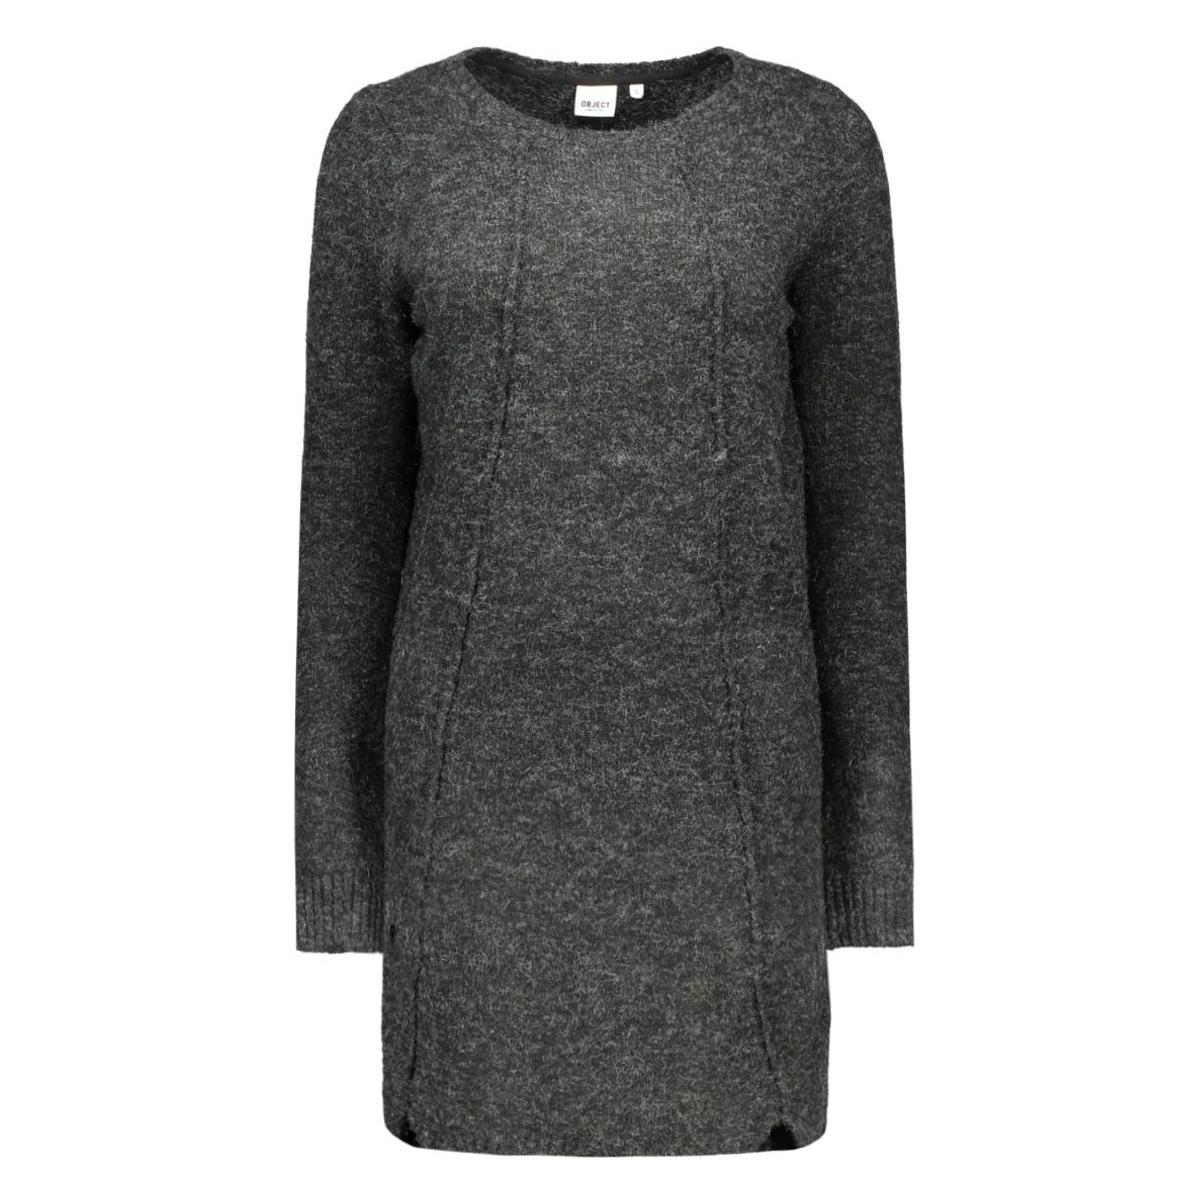 objnonsia l/s knit dress 86 23022973 object jurk vetiver